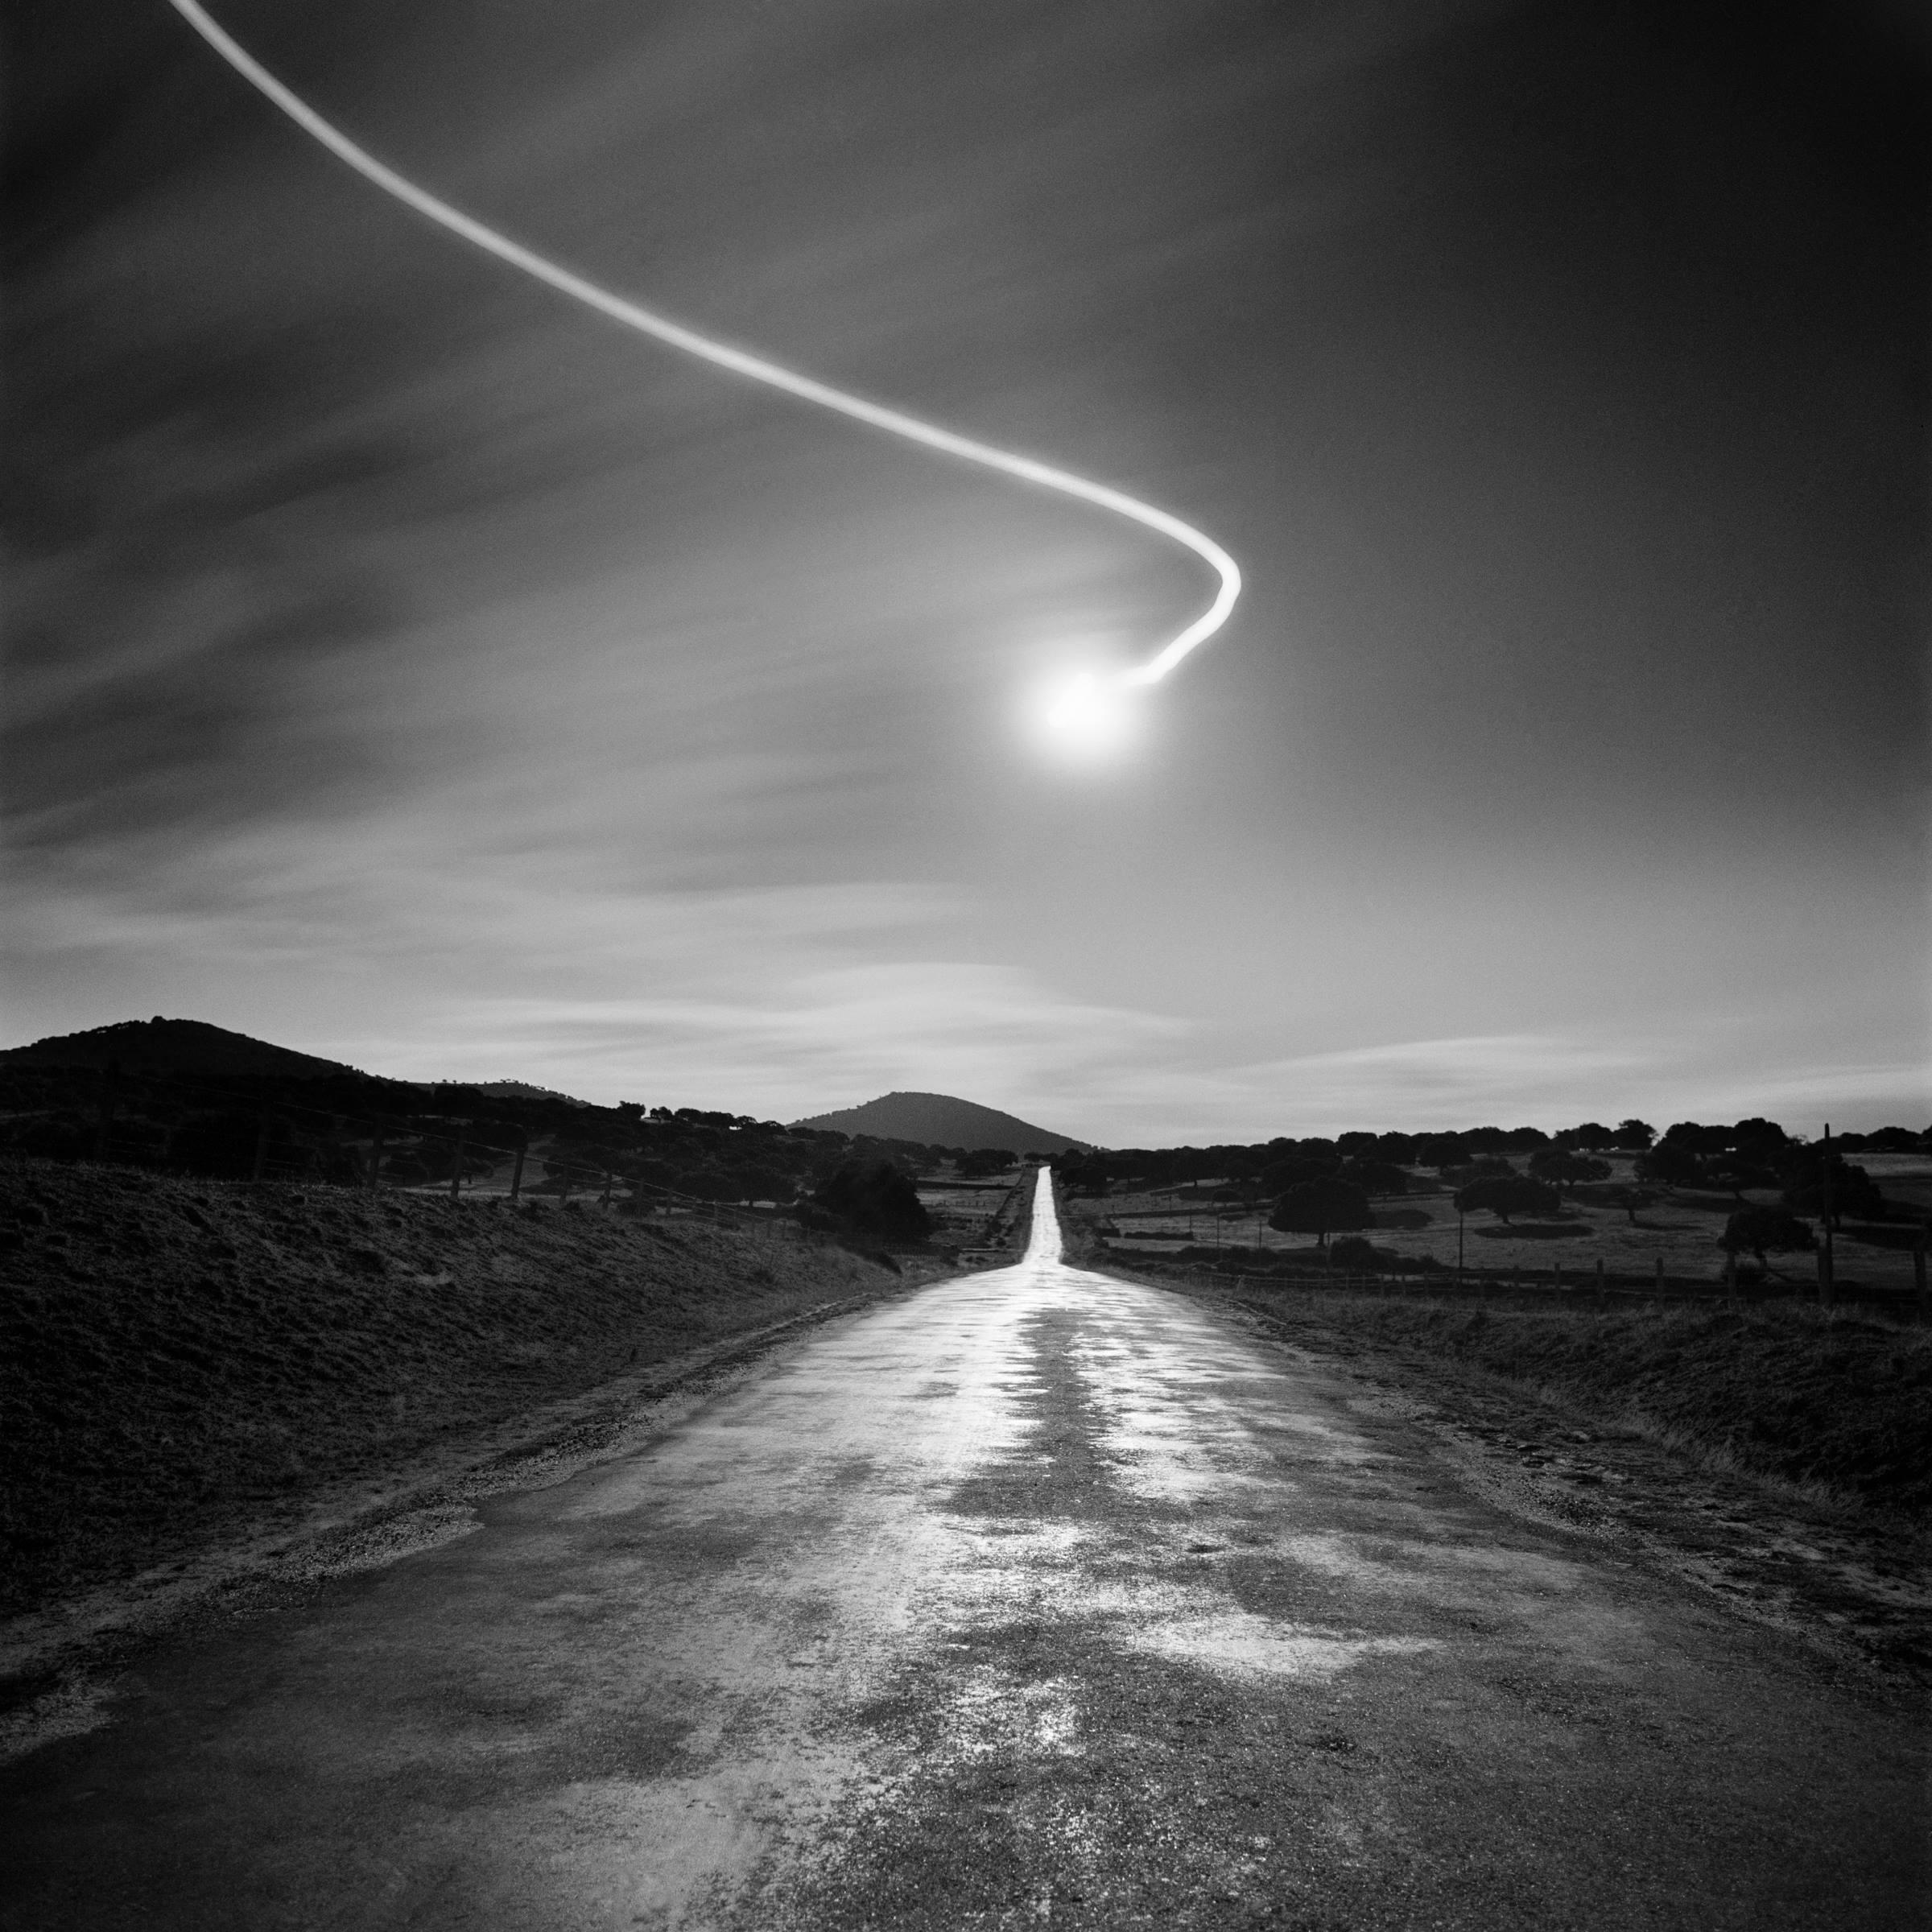 Carretera de Cespedosa, 1987<br/>Gelatina de plata / Silver gelatine